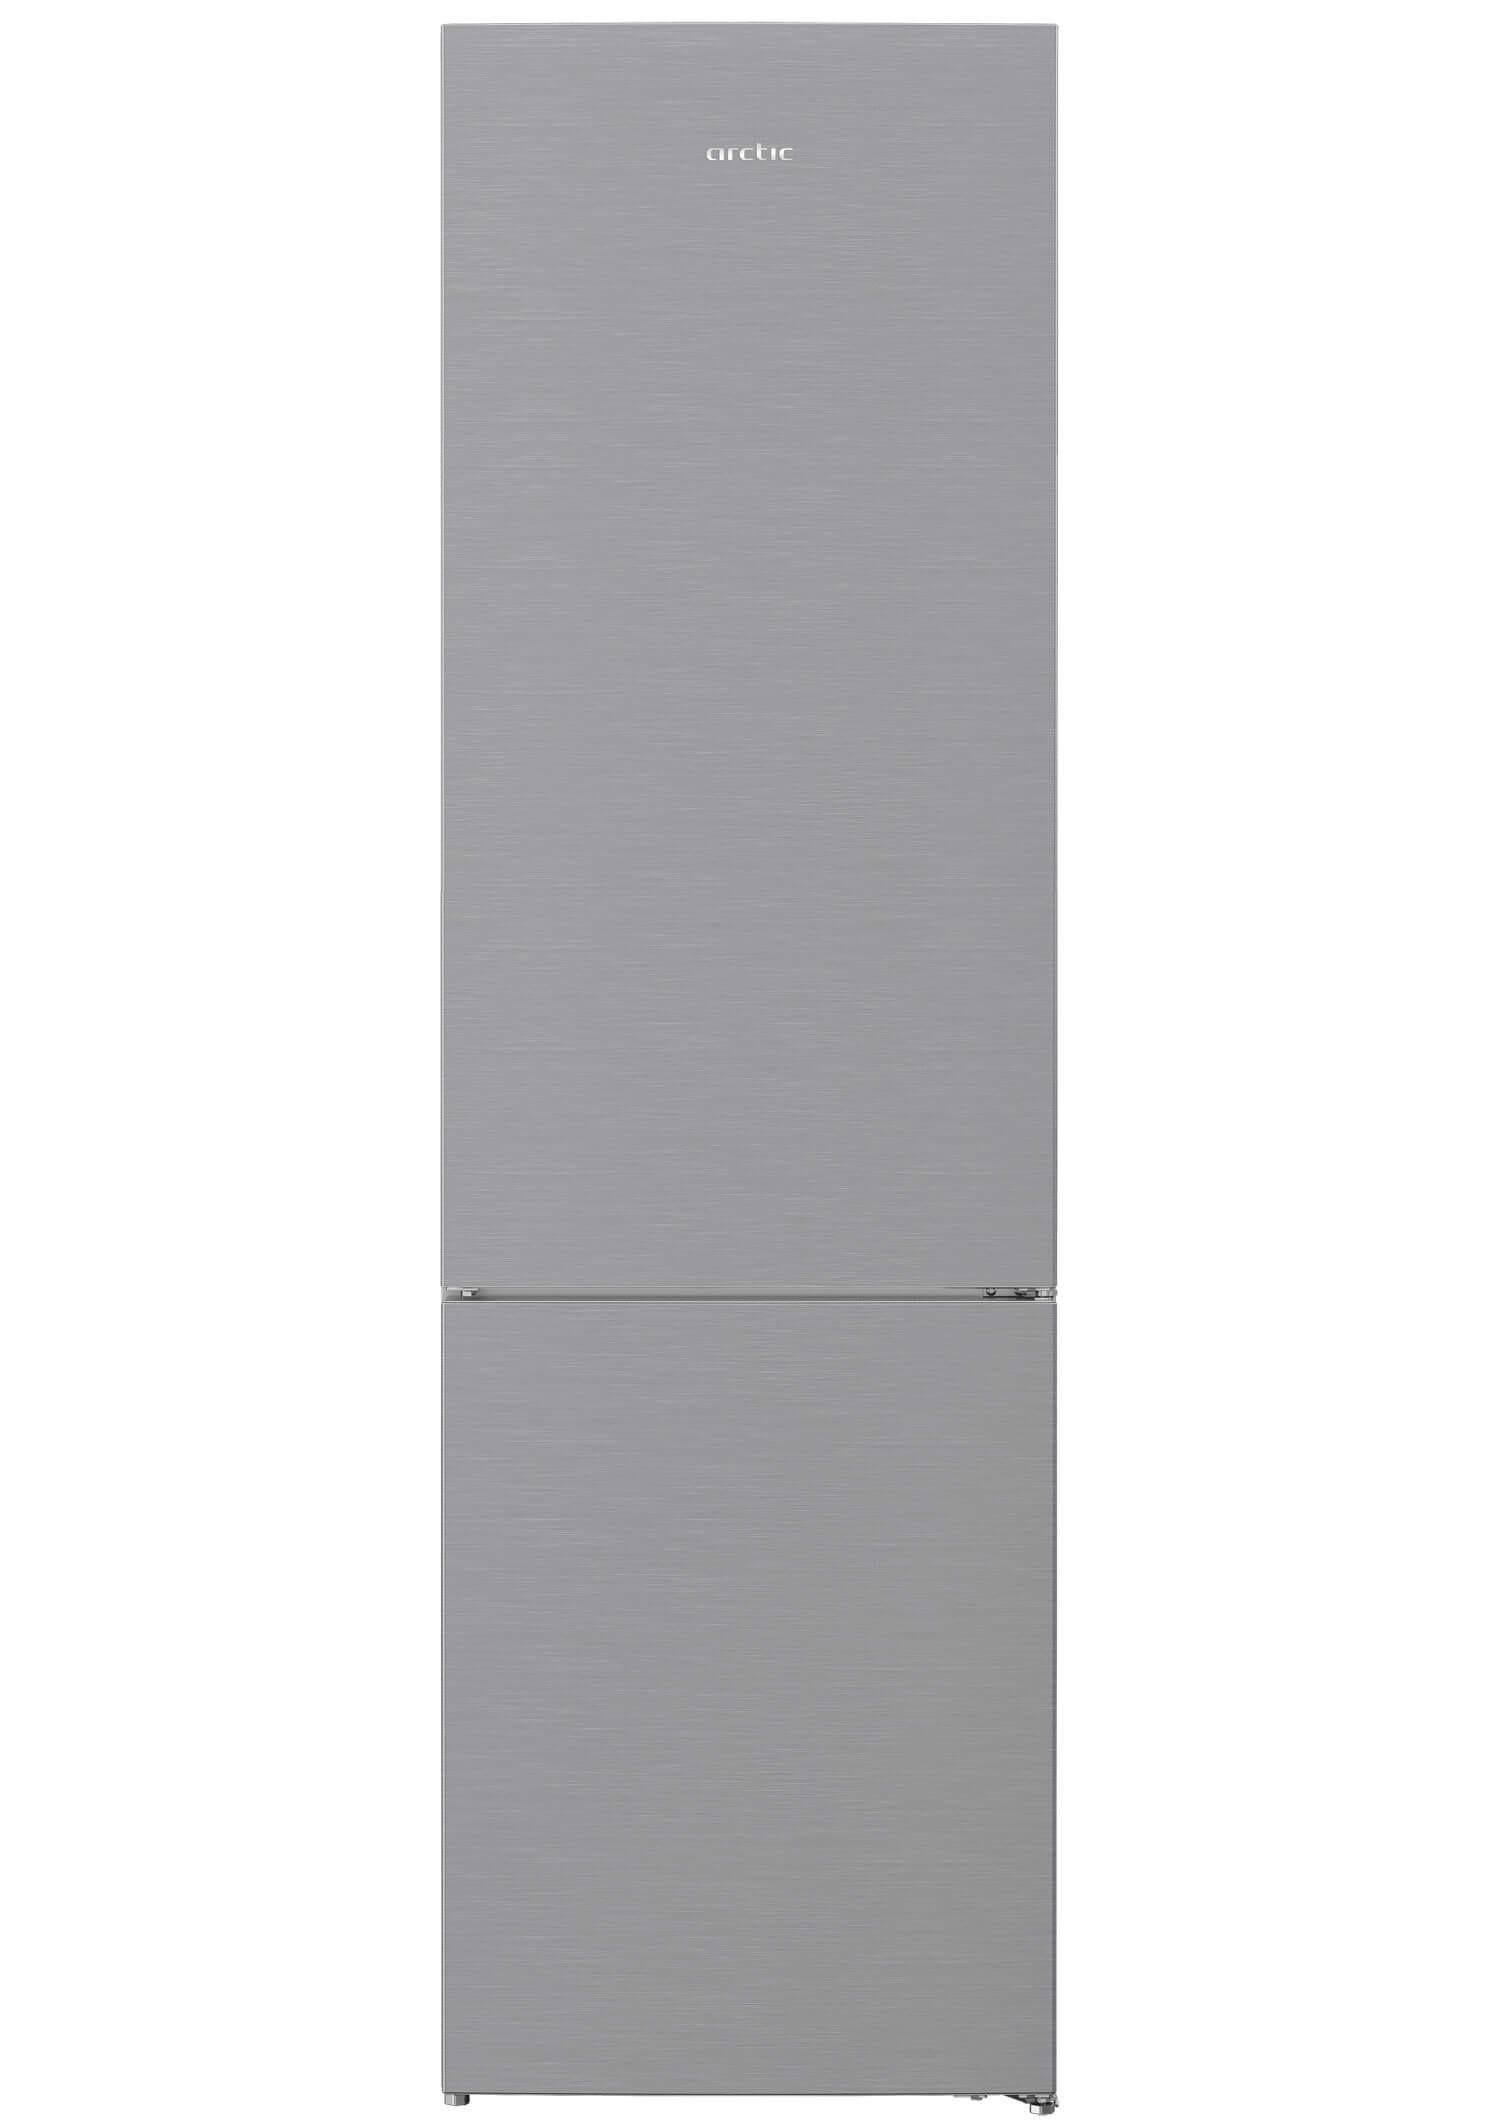 Combina frigorifica, Arctic, AK60406M40NFMT, 362 l, Clasa E, H 202,5  cm, Metal Look